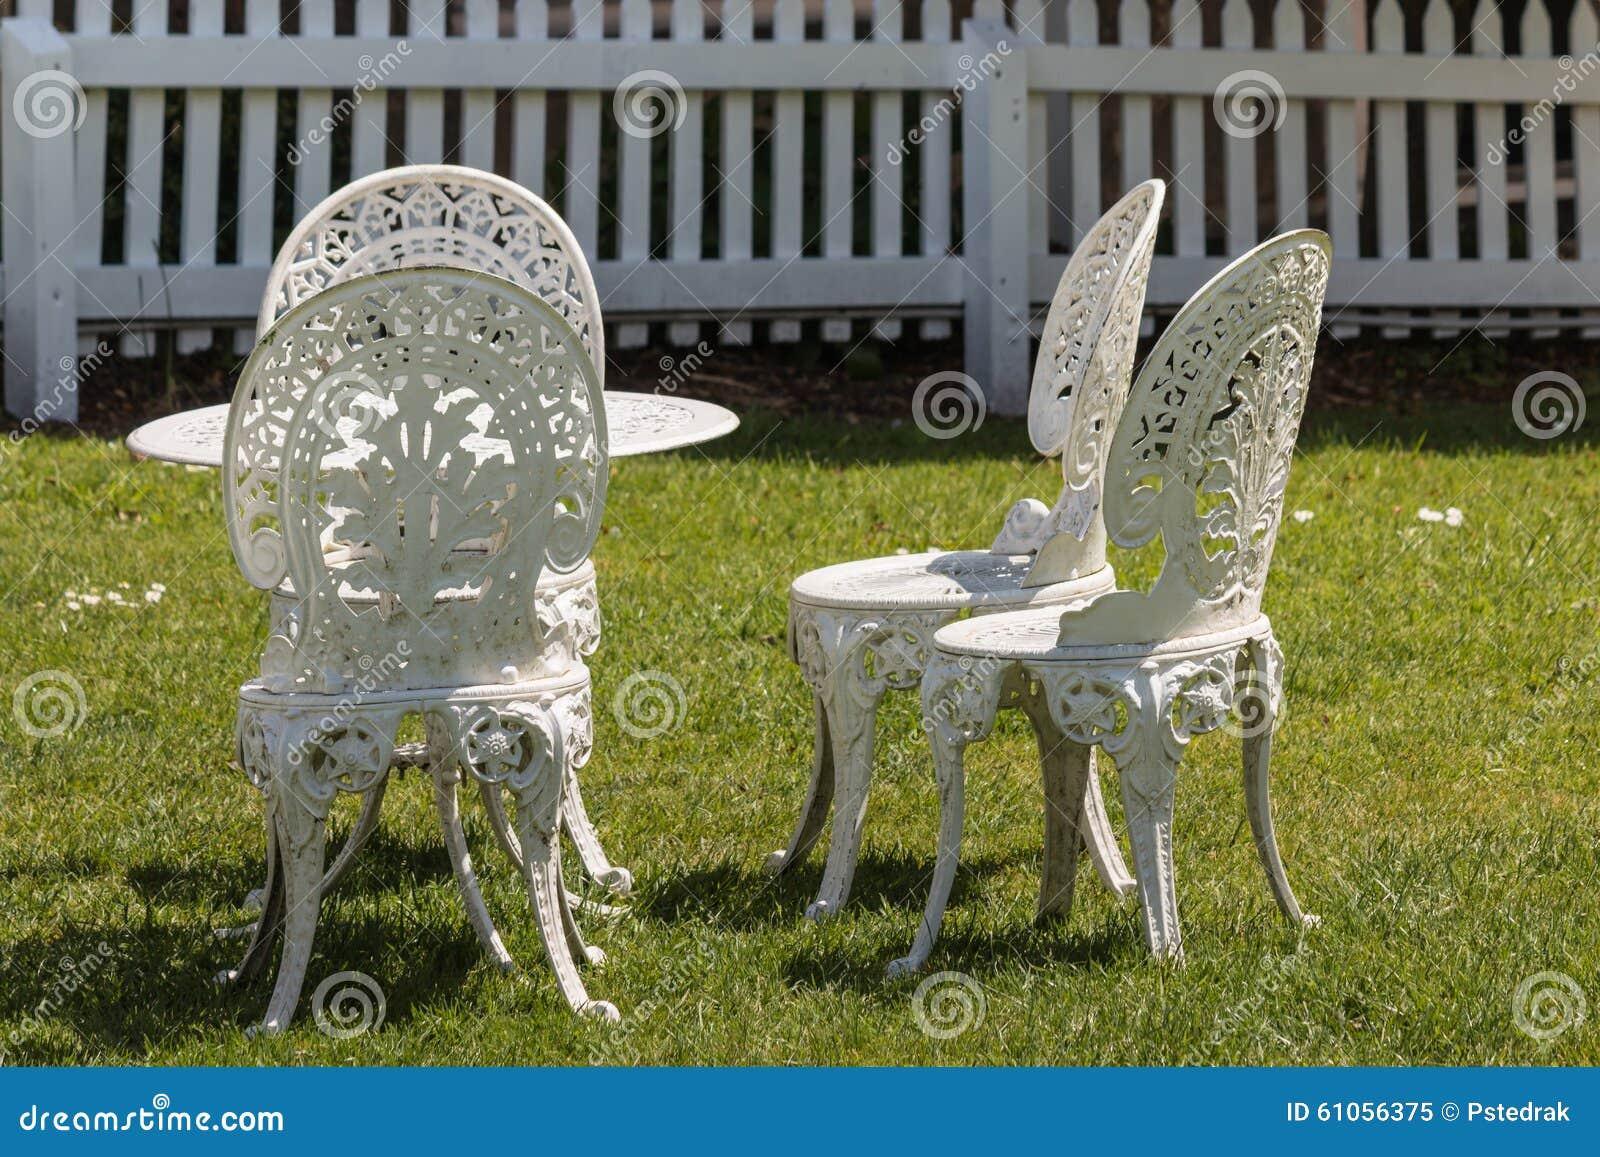 White Wrought Iron Garden Furniture Stock Image